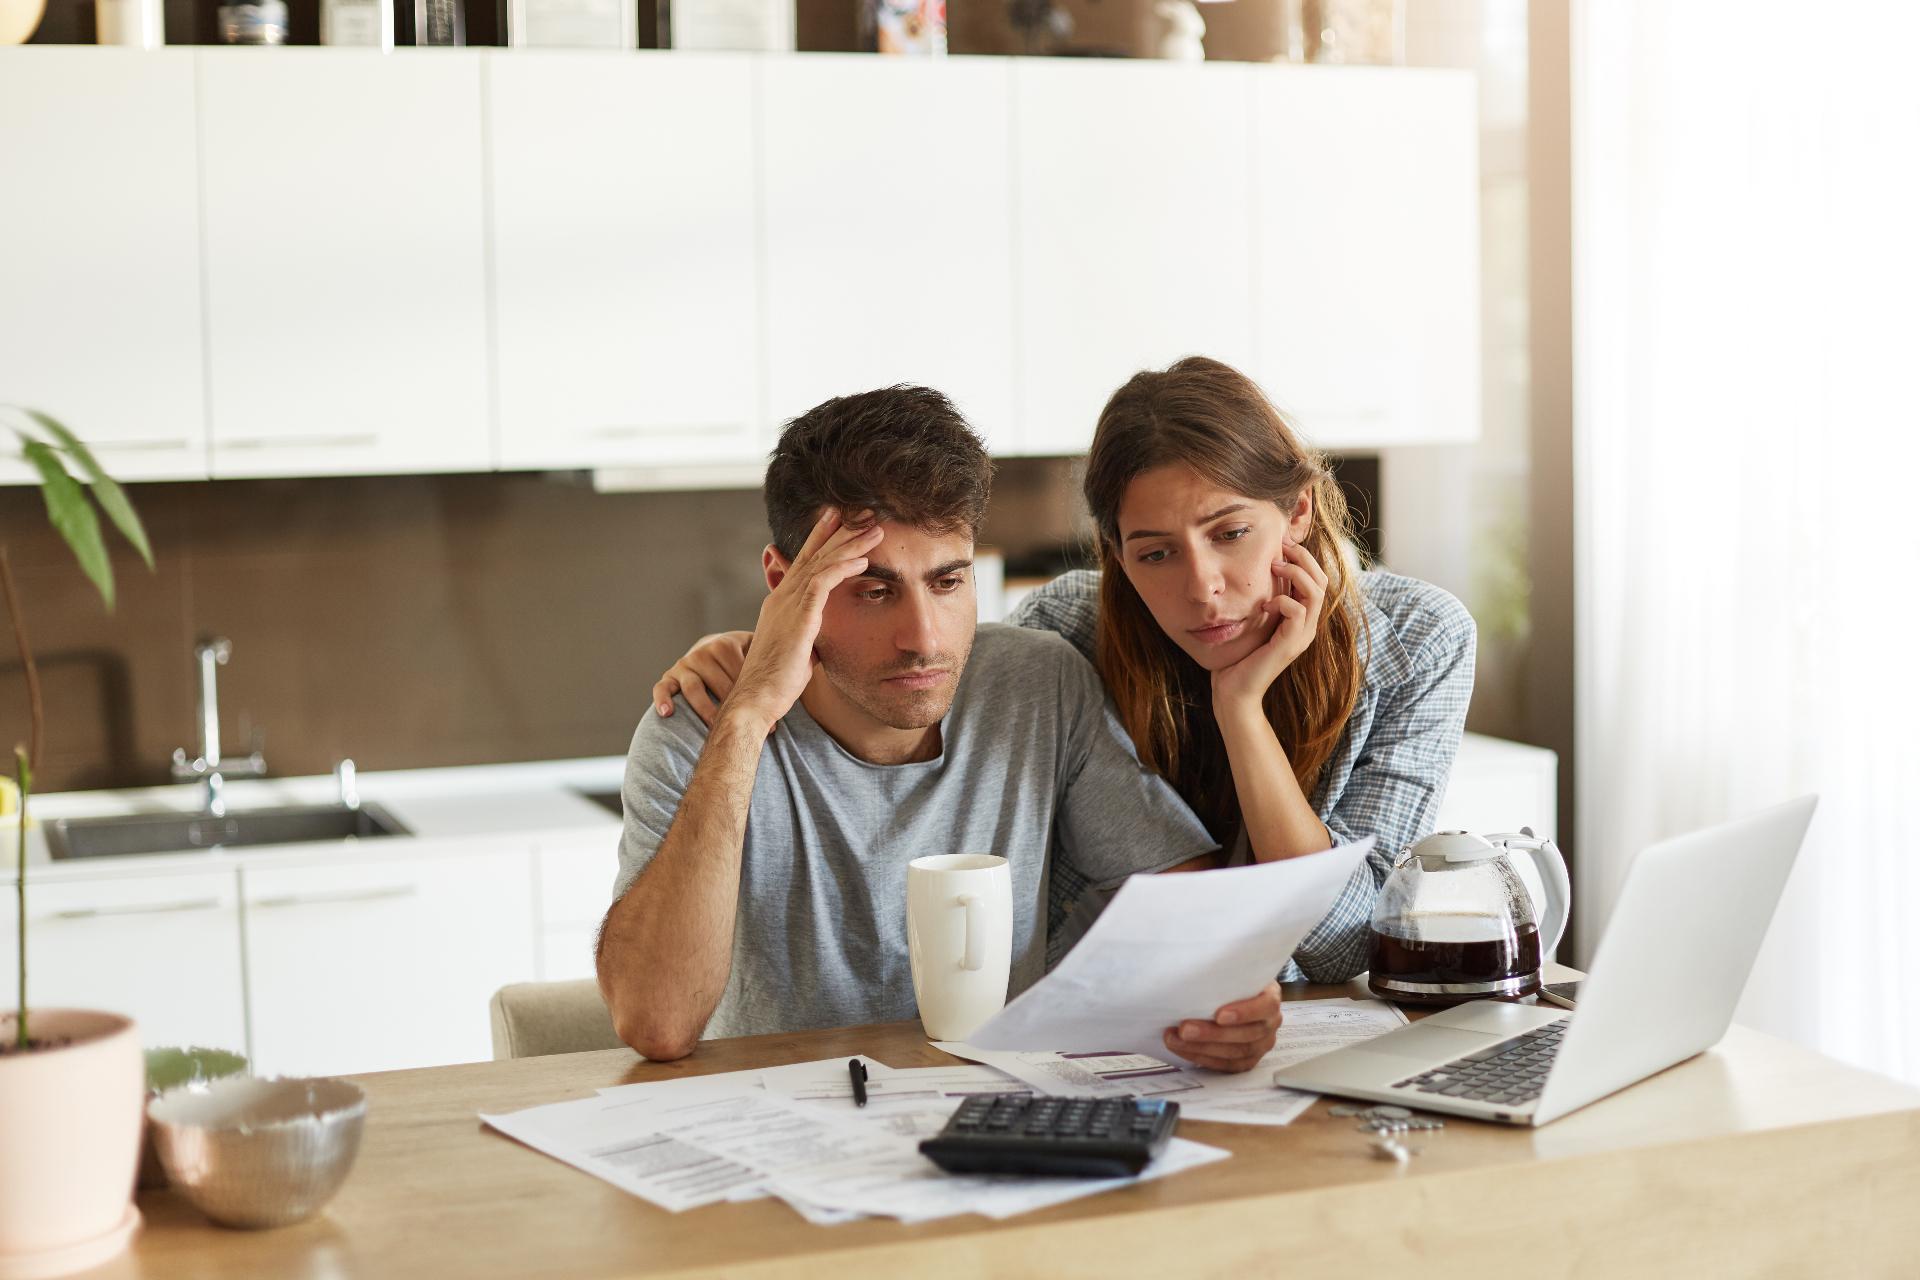 Лишиться квартиры можно, если она куплена в ипотеку, находится в залоге у банка, но заемщик перестал обслуживать кредит